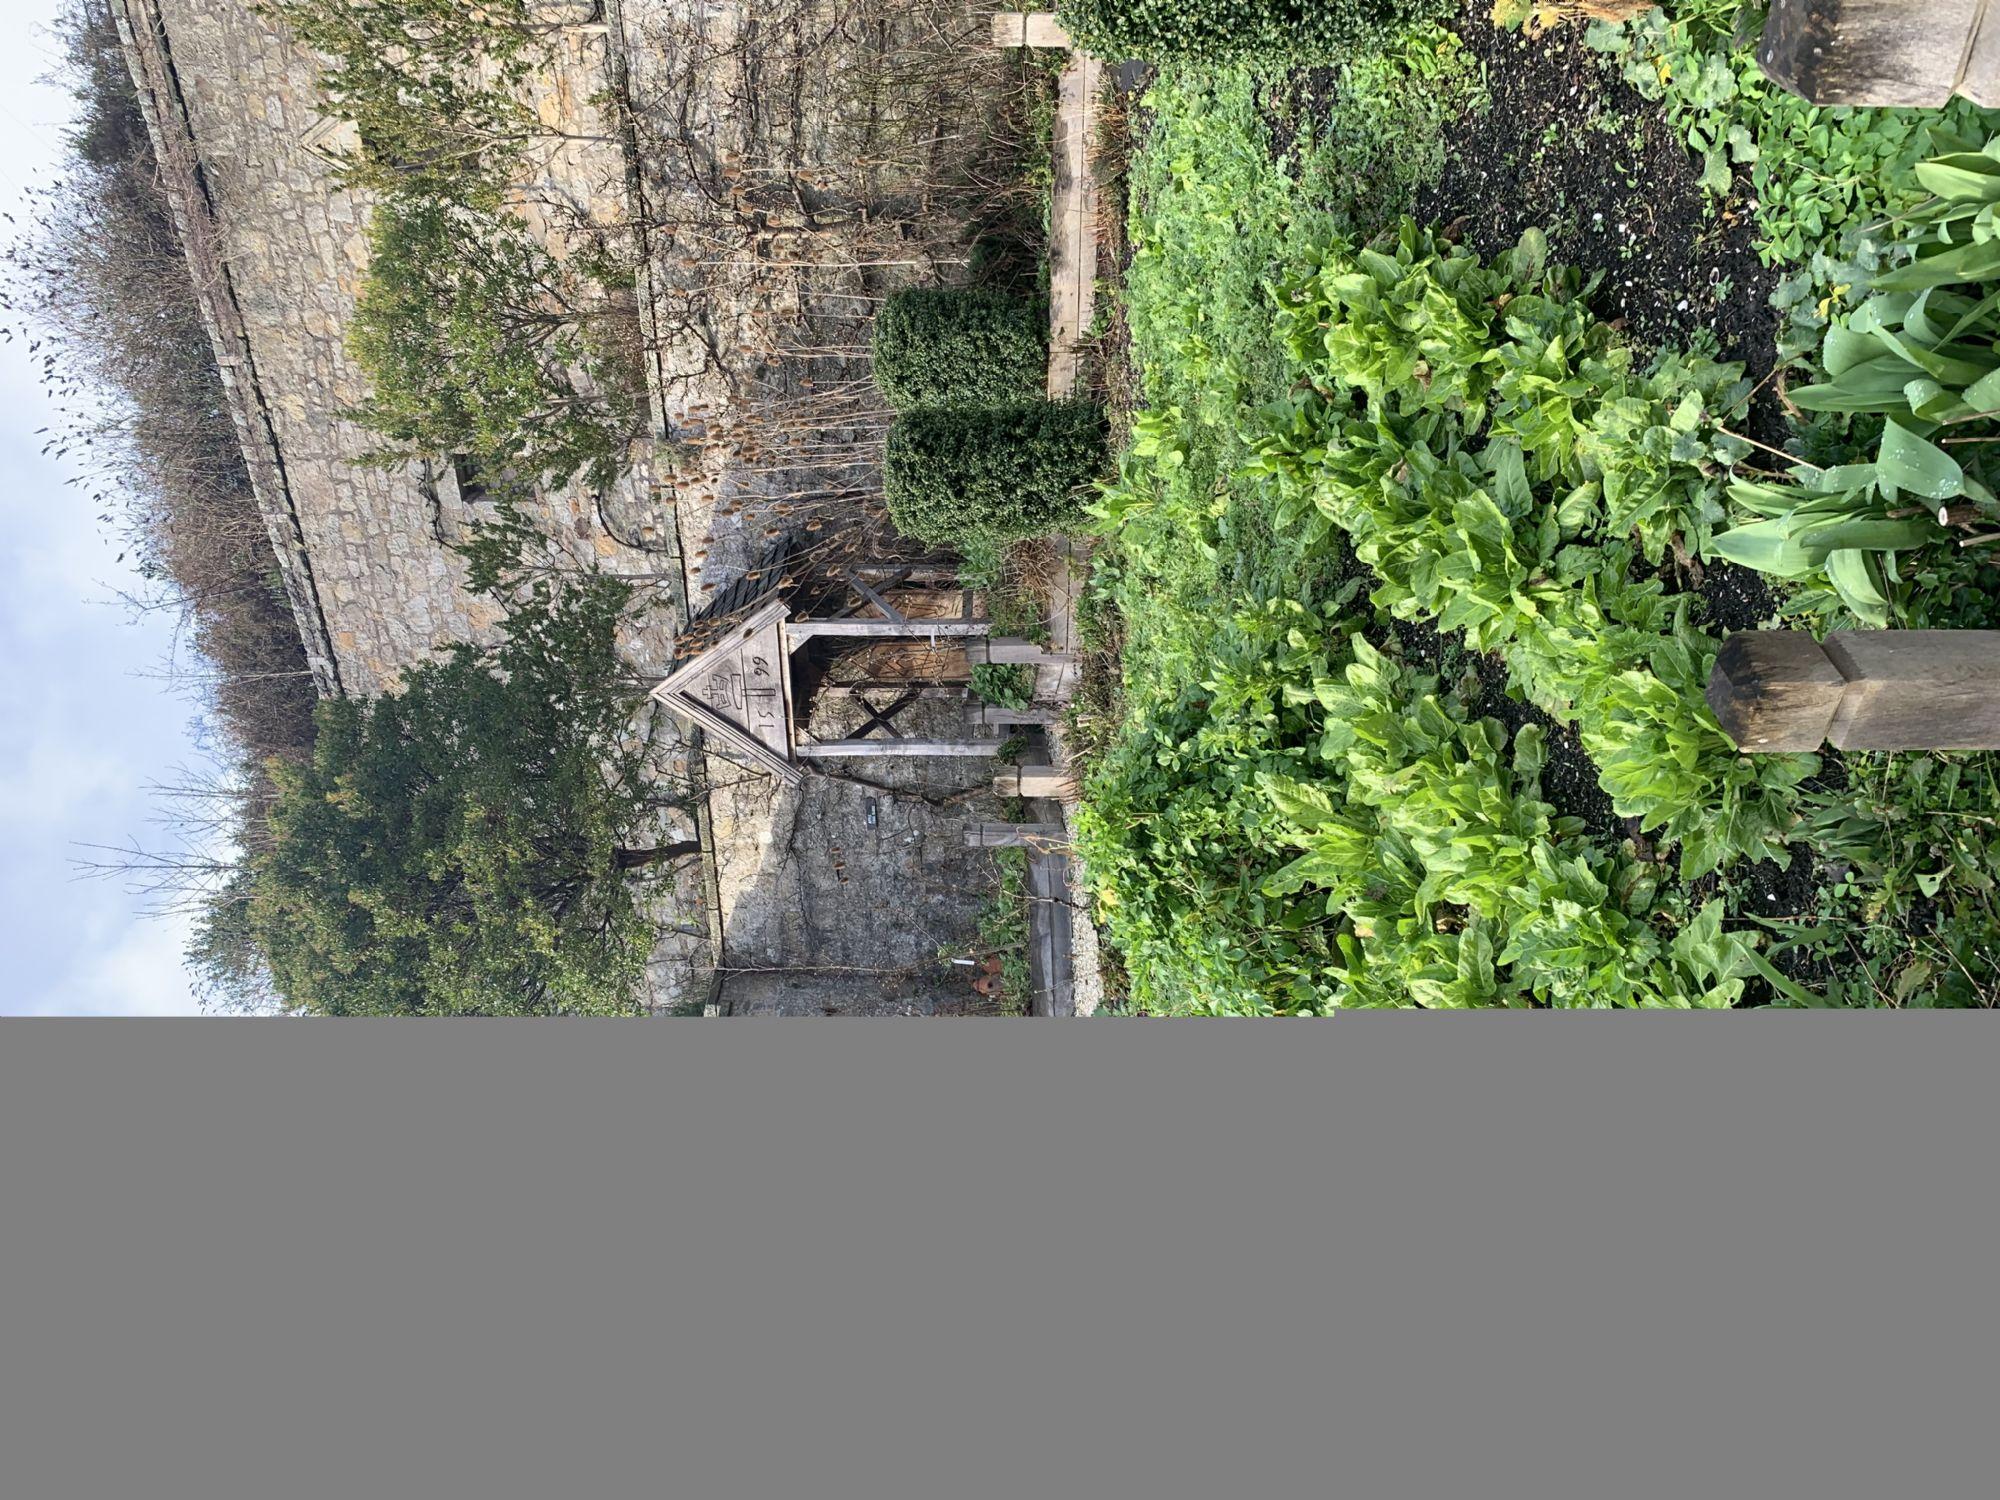 Palace garden of Culross